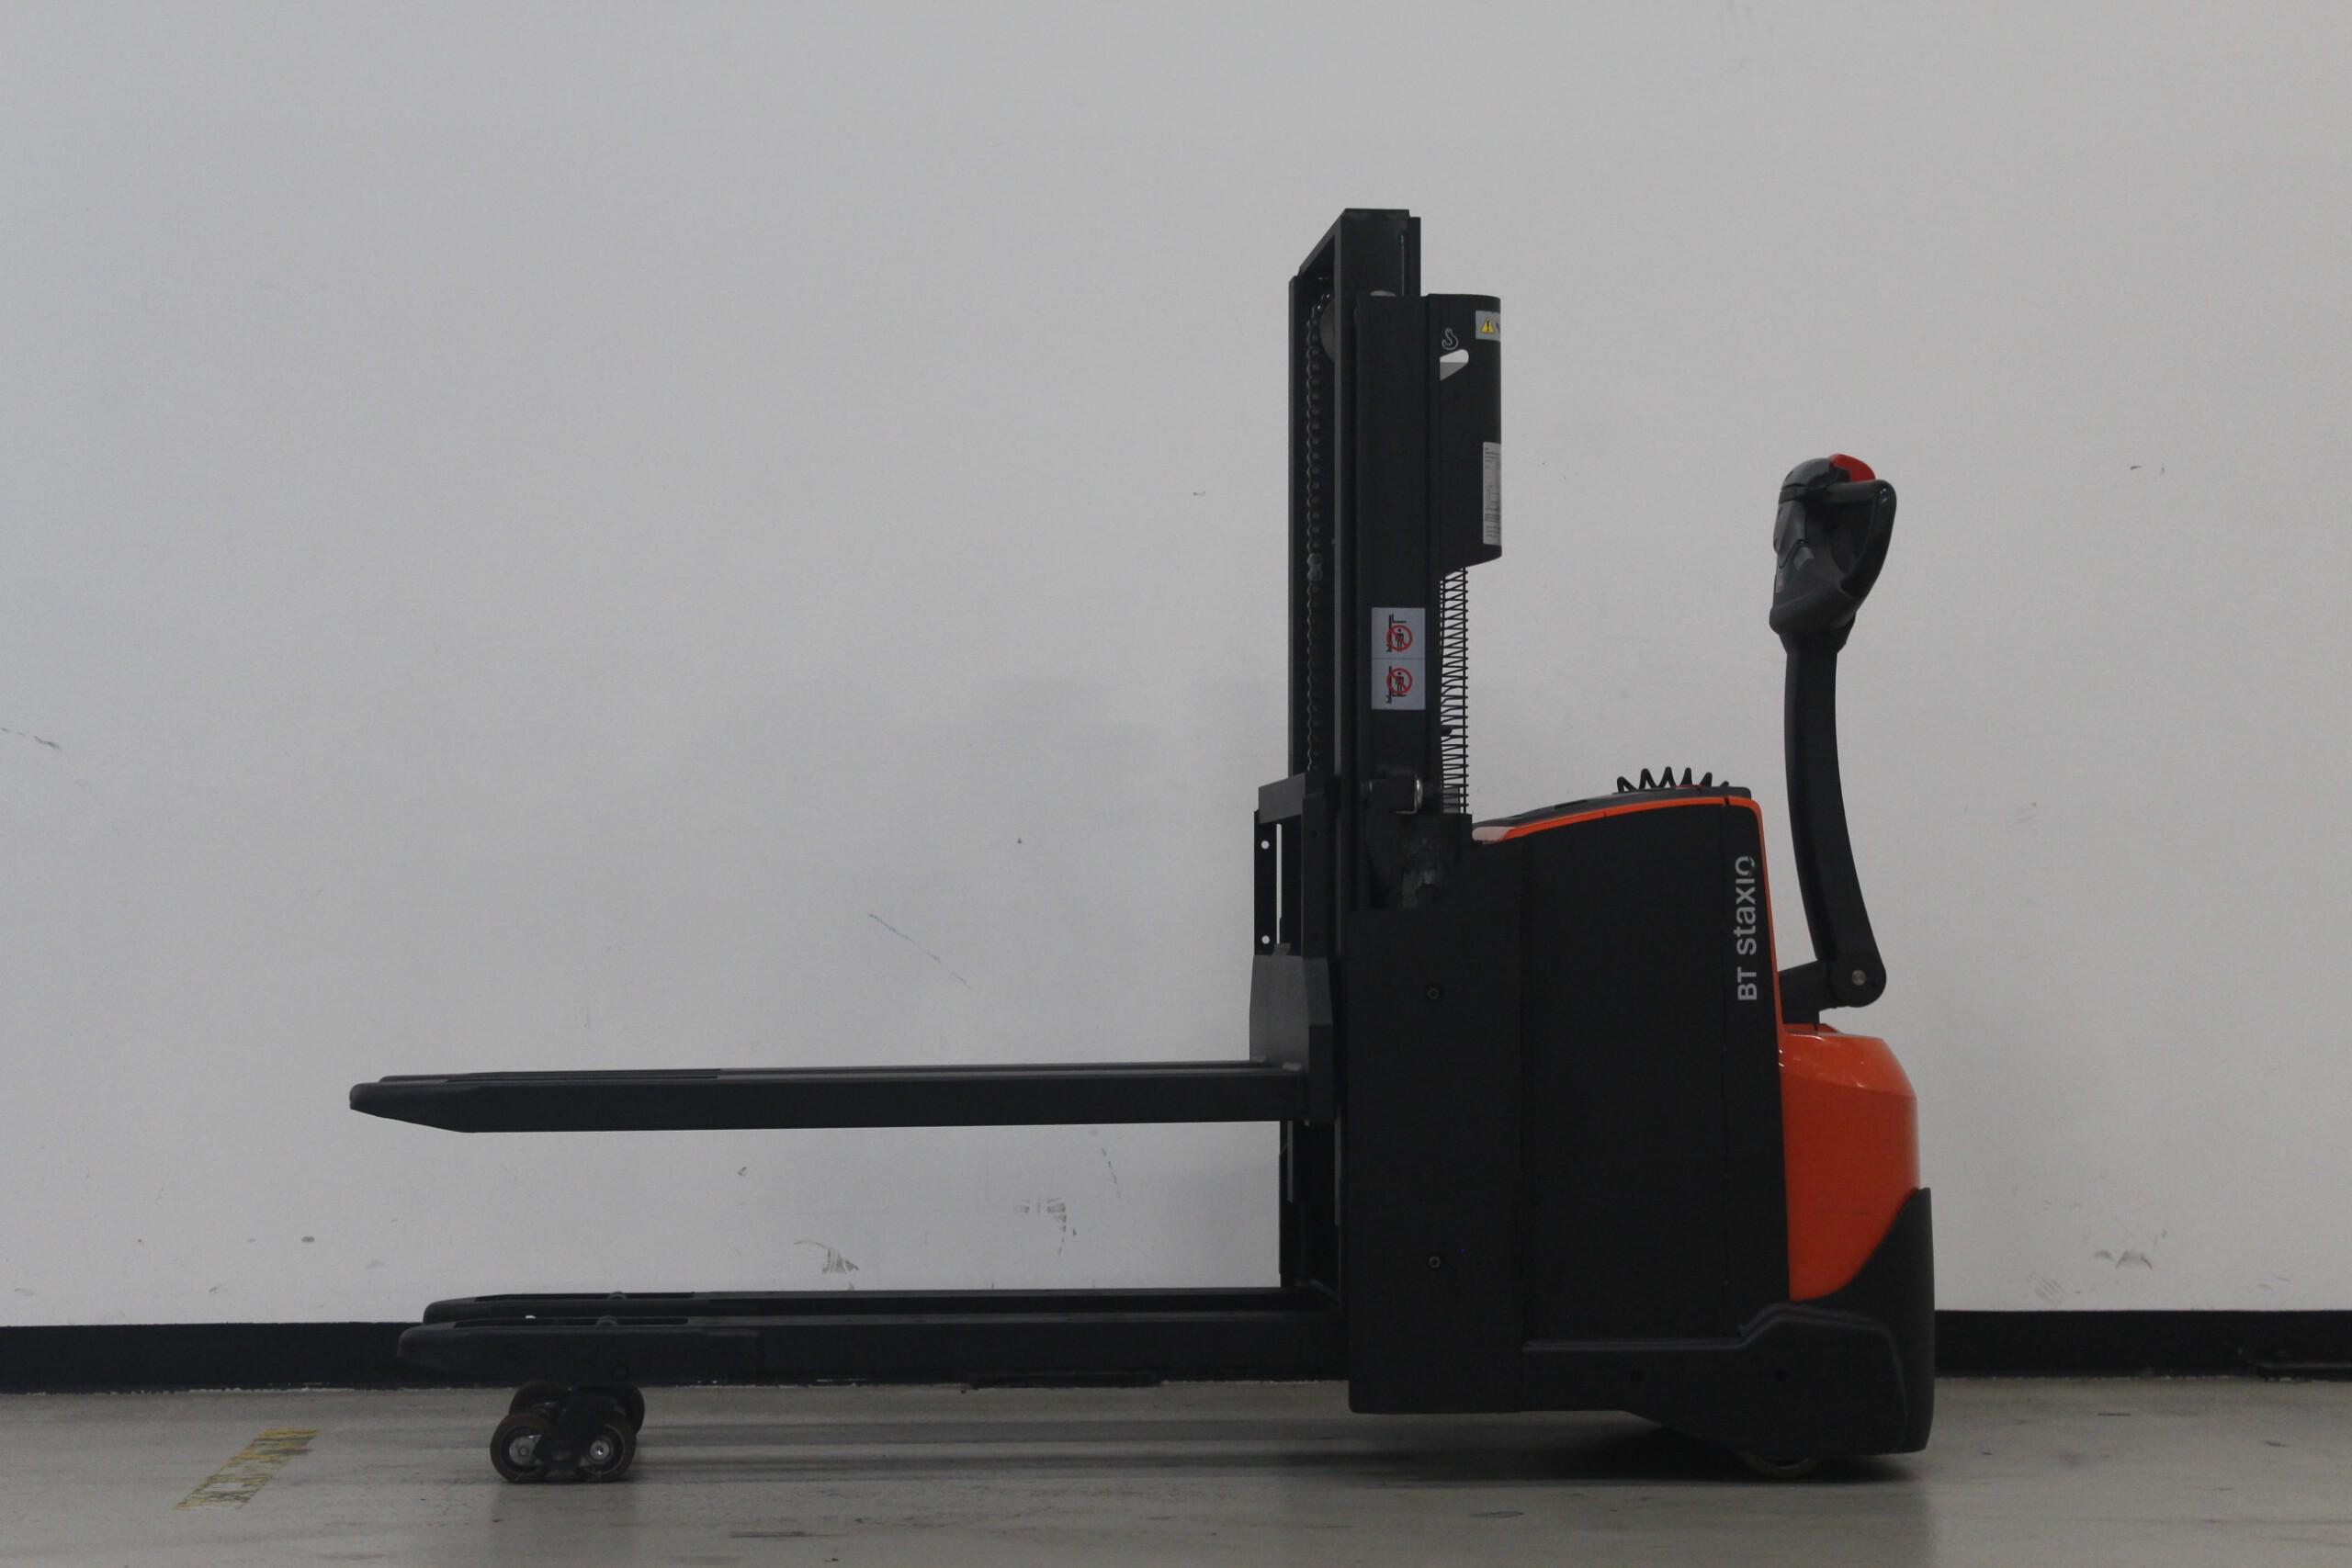 Toyota-Gabelstapler-59840 1610083795 1 8 scaled